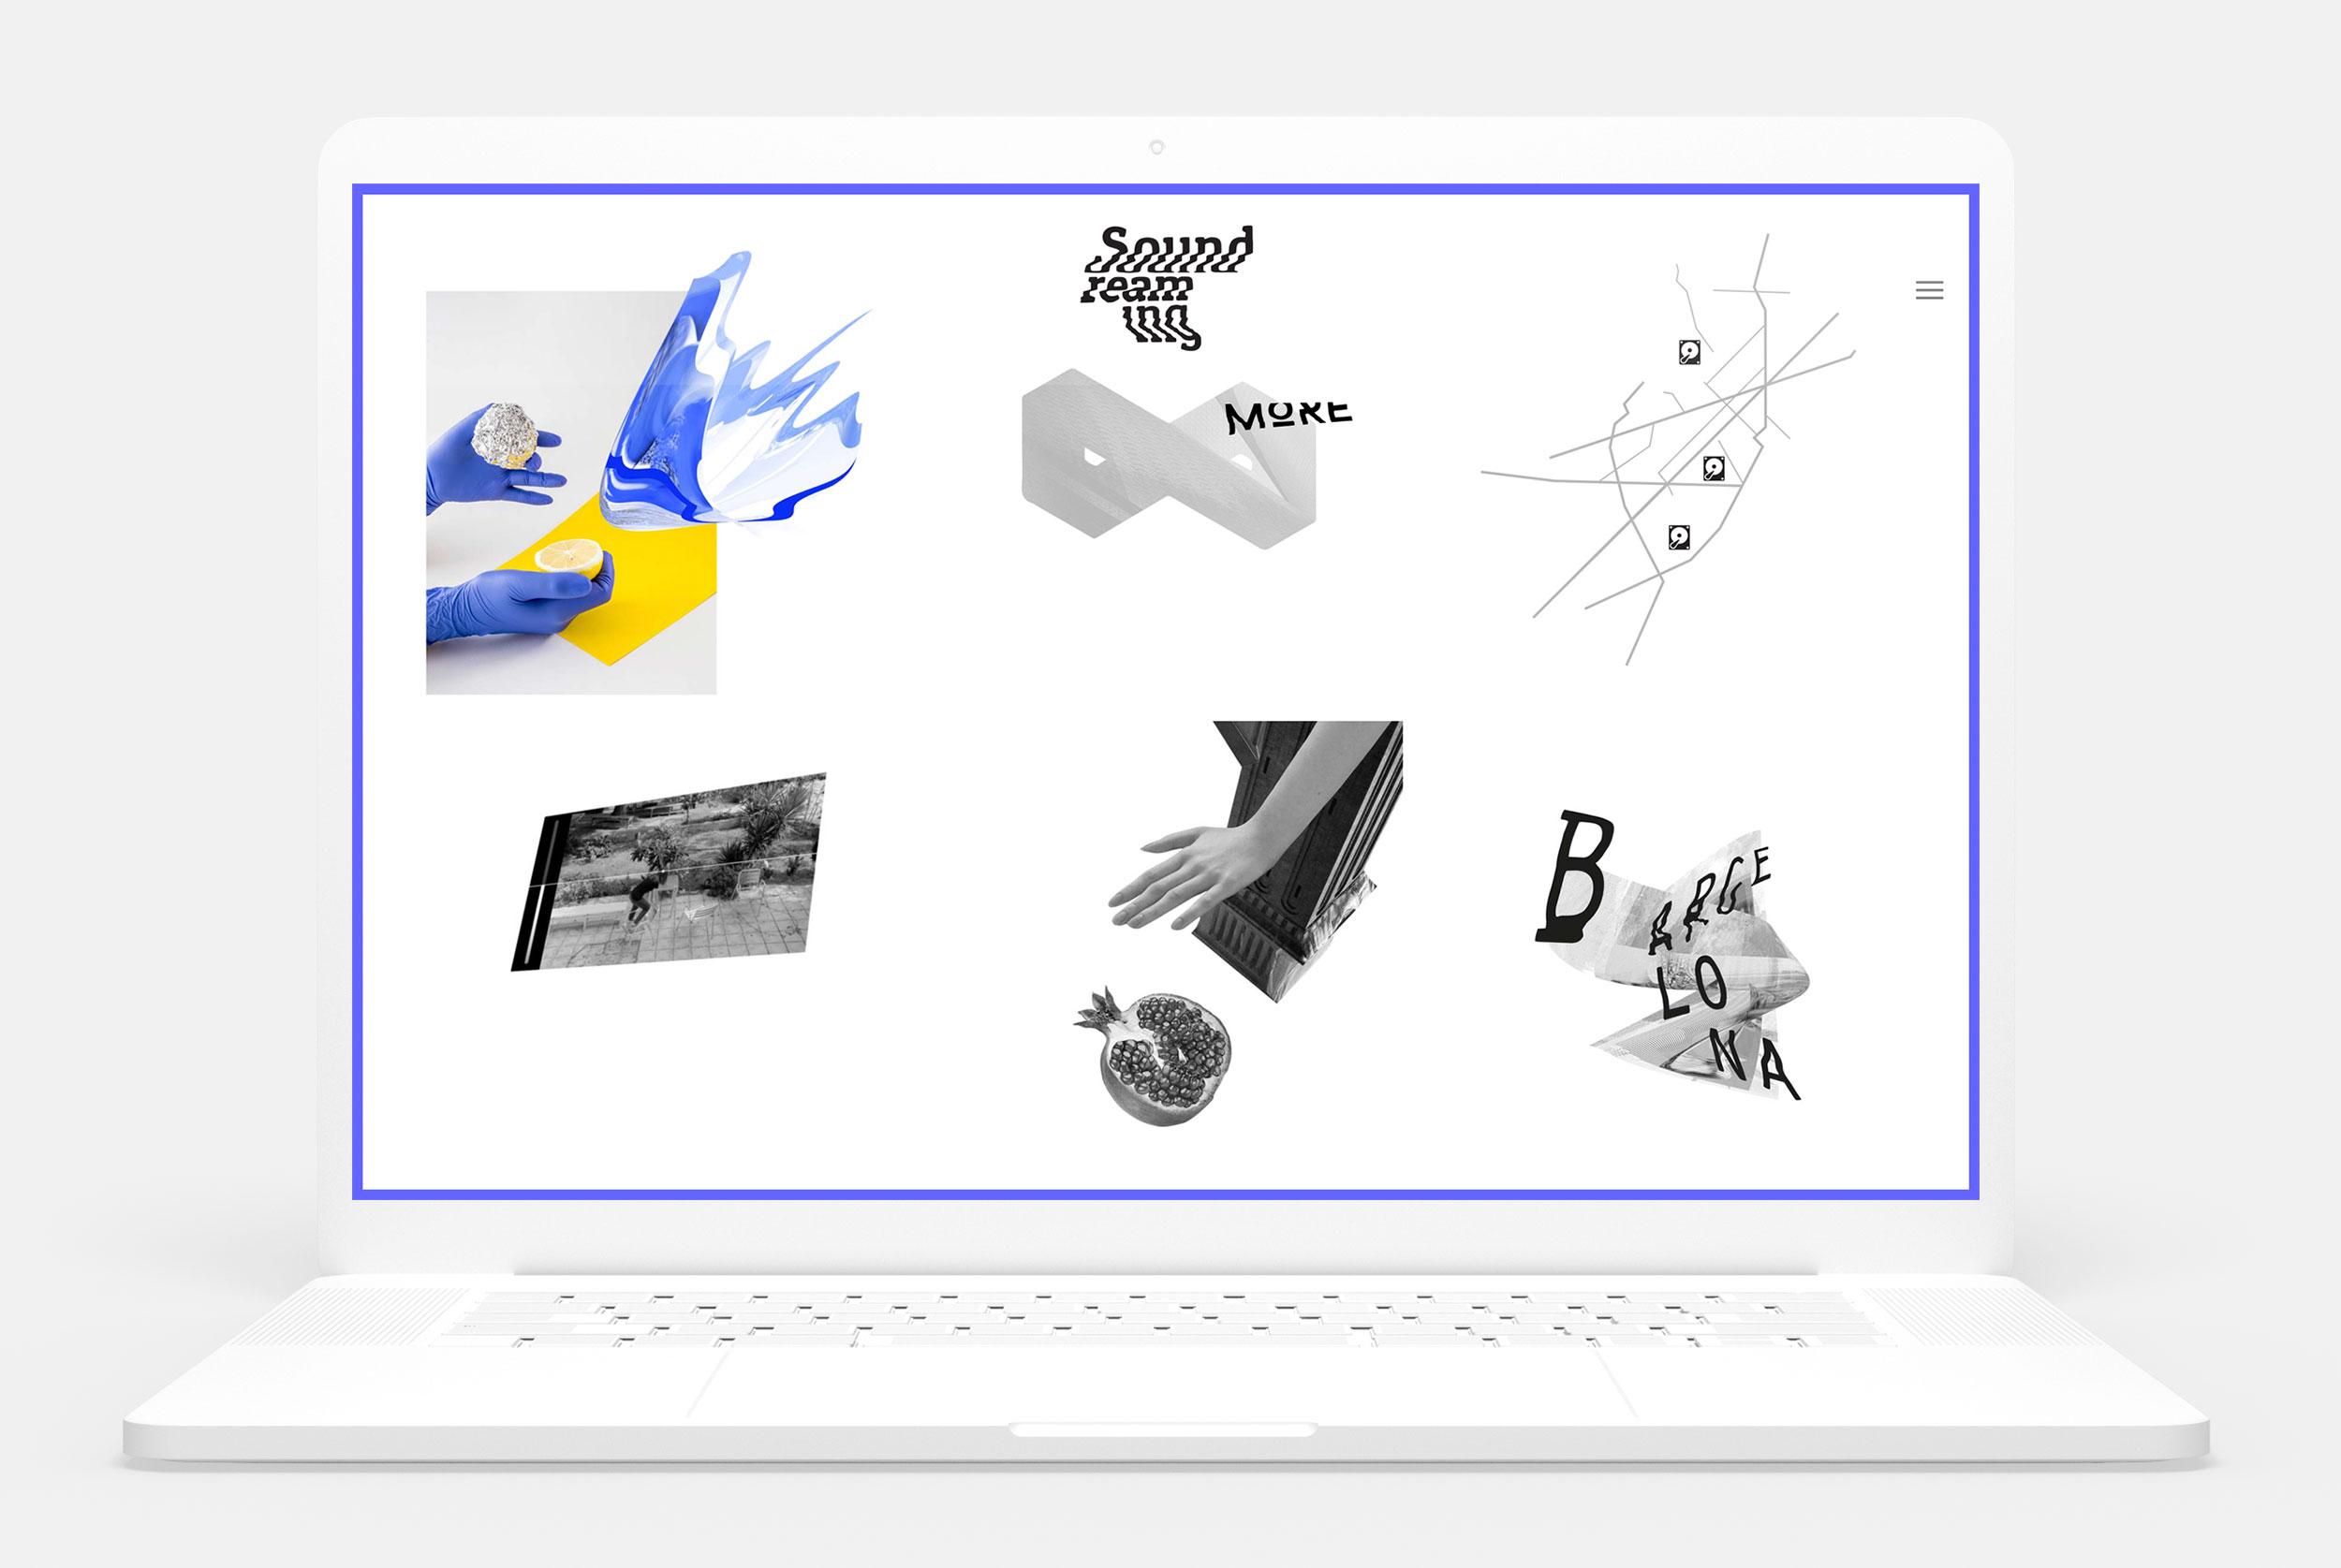 Jacek Doroszenko, Ewa Doroszenko - Soundreaming, website detail 2